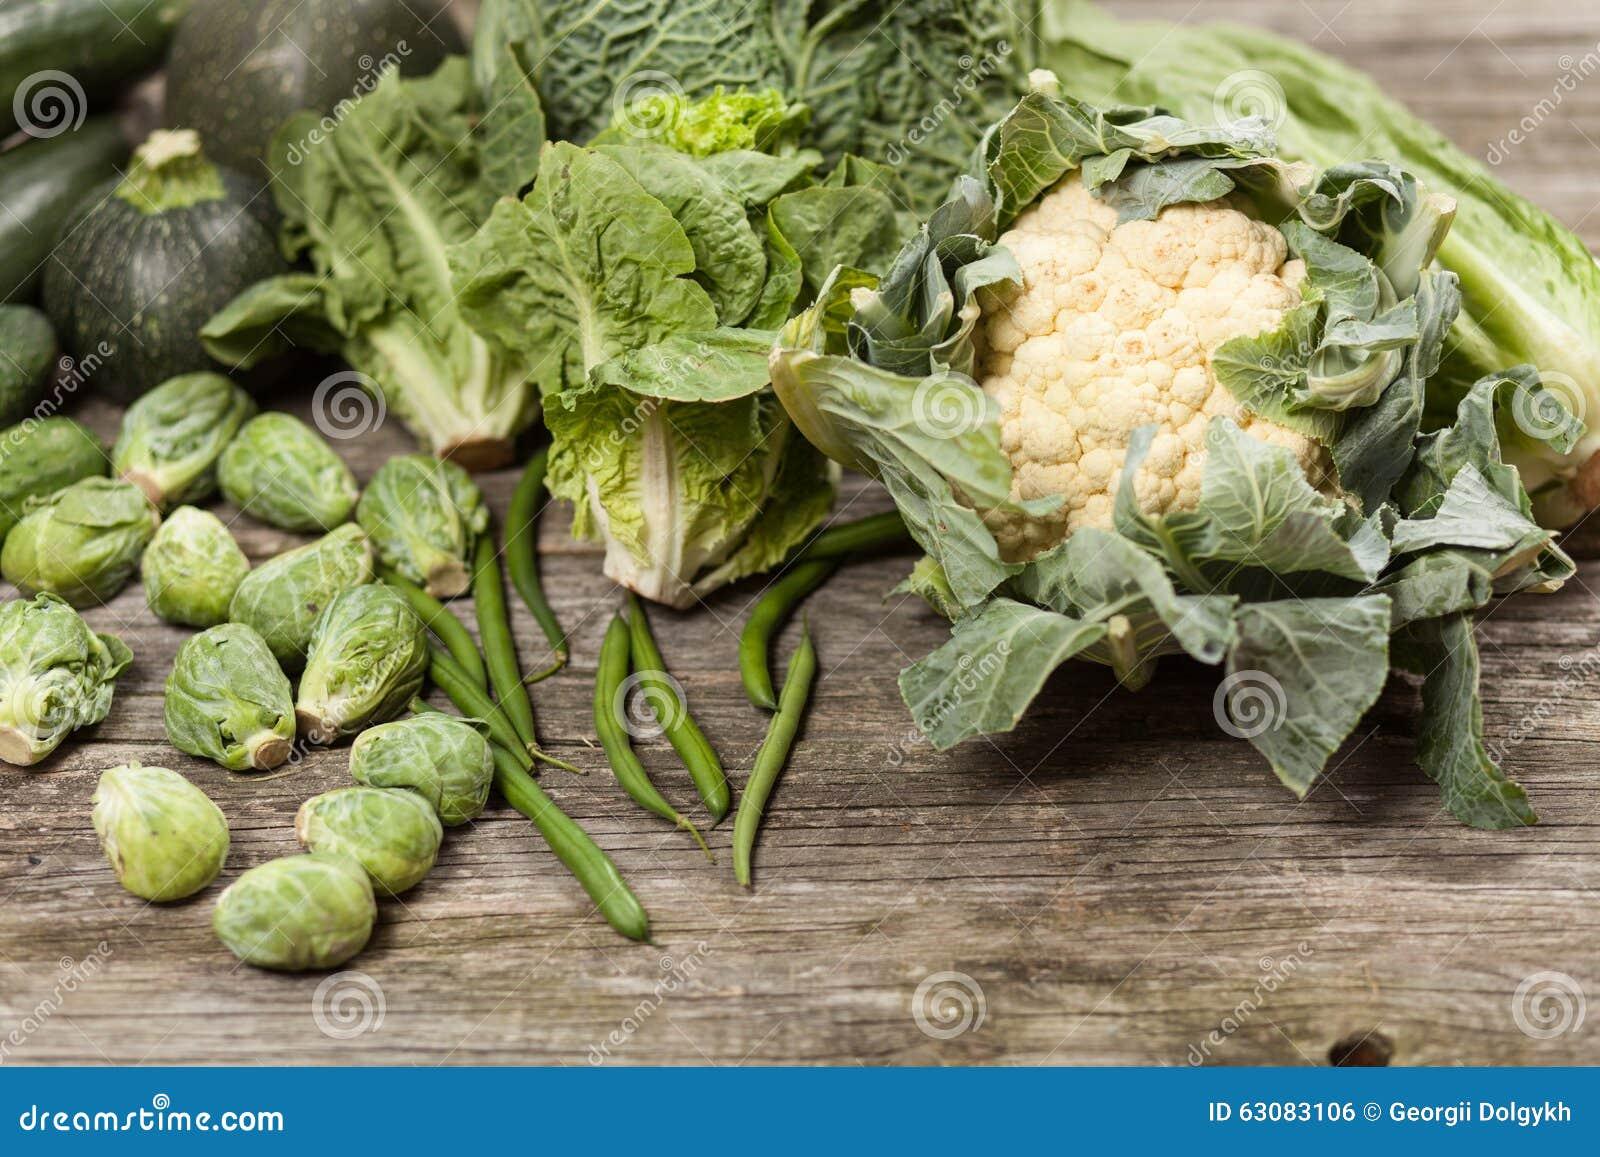 Download Assortiment Des Légumes Verts Photo stock - Image du fleur, vert: 63083106